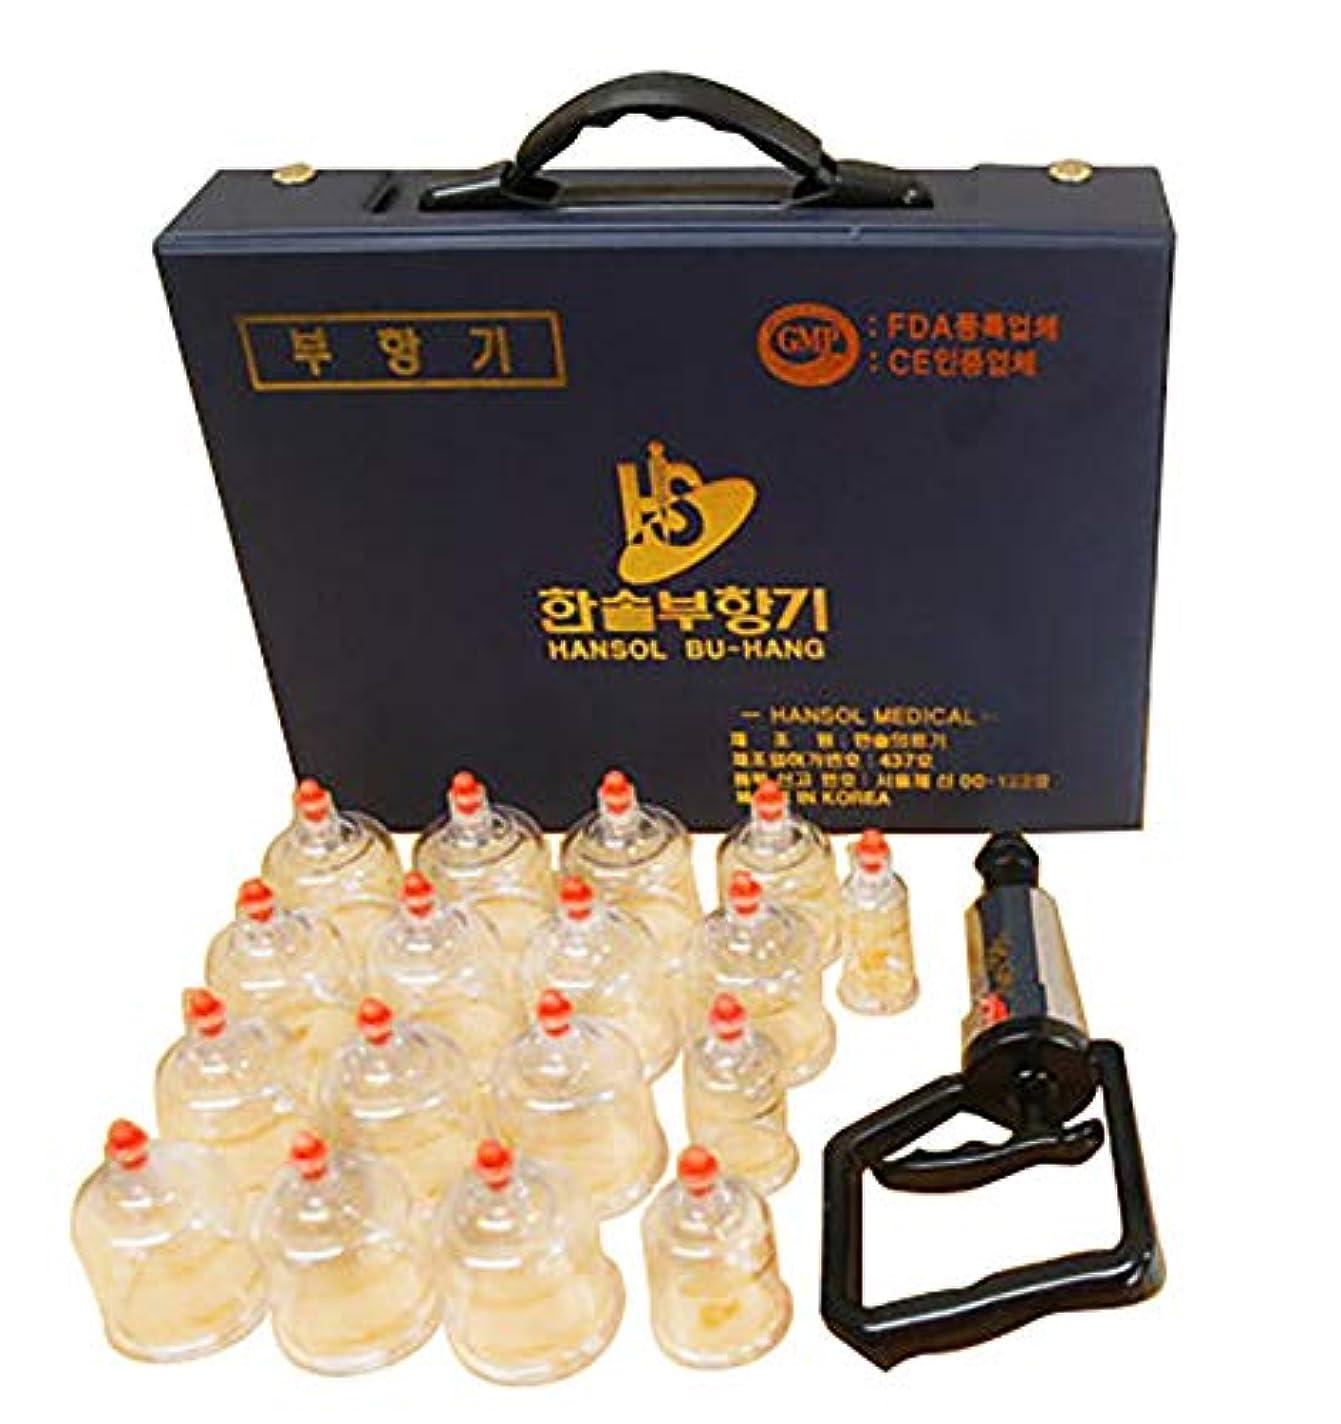 ずんぐりした困惑するノイズ中国四千年の健康法「吸玉」がご家庭で手軽にできる!ハンソルメディカル ブハン カッピングカップ17個セット